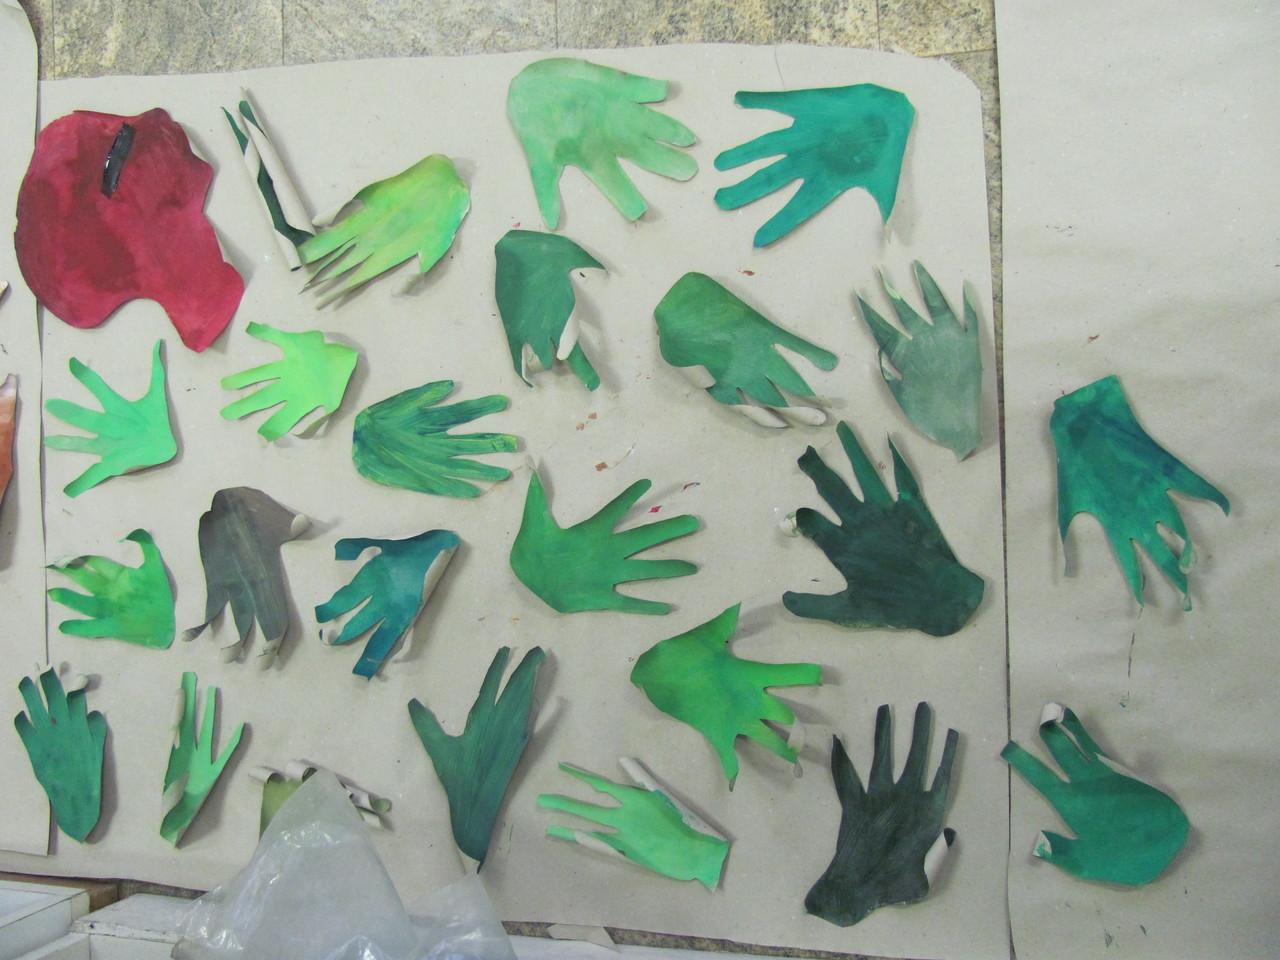 Les mains/feuilles